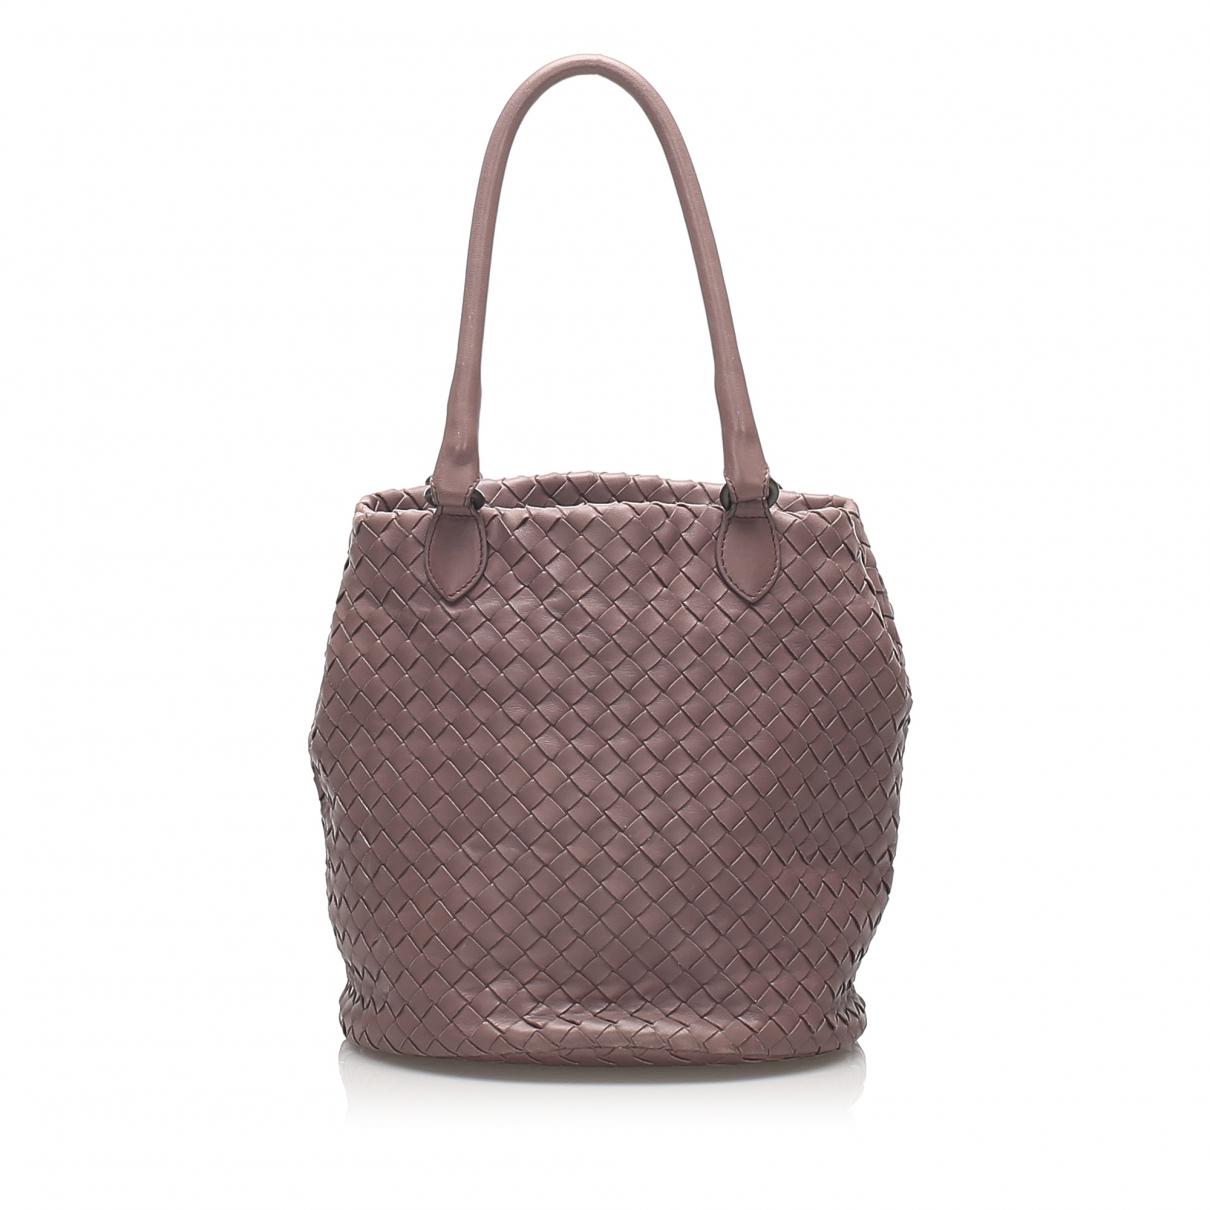 Bottega Veneta N Purple Leather handbag for Women N